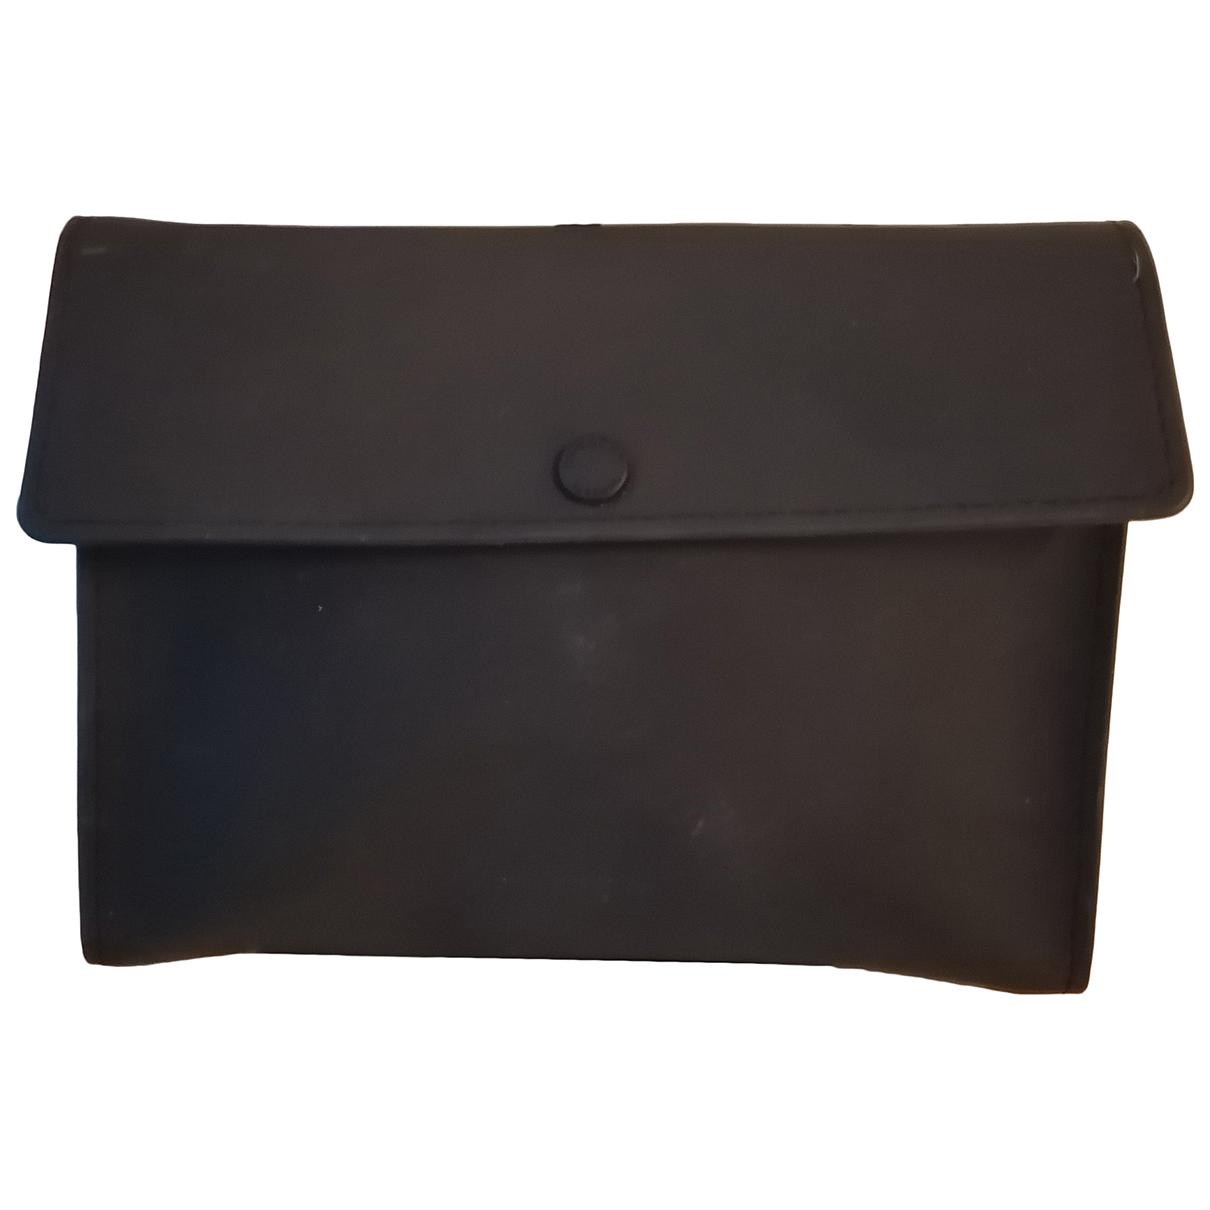 Bolsos clutch en Plastico Negro Givenchy